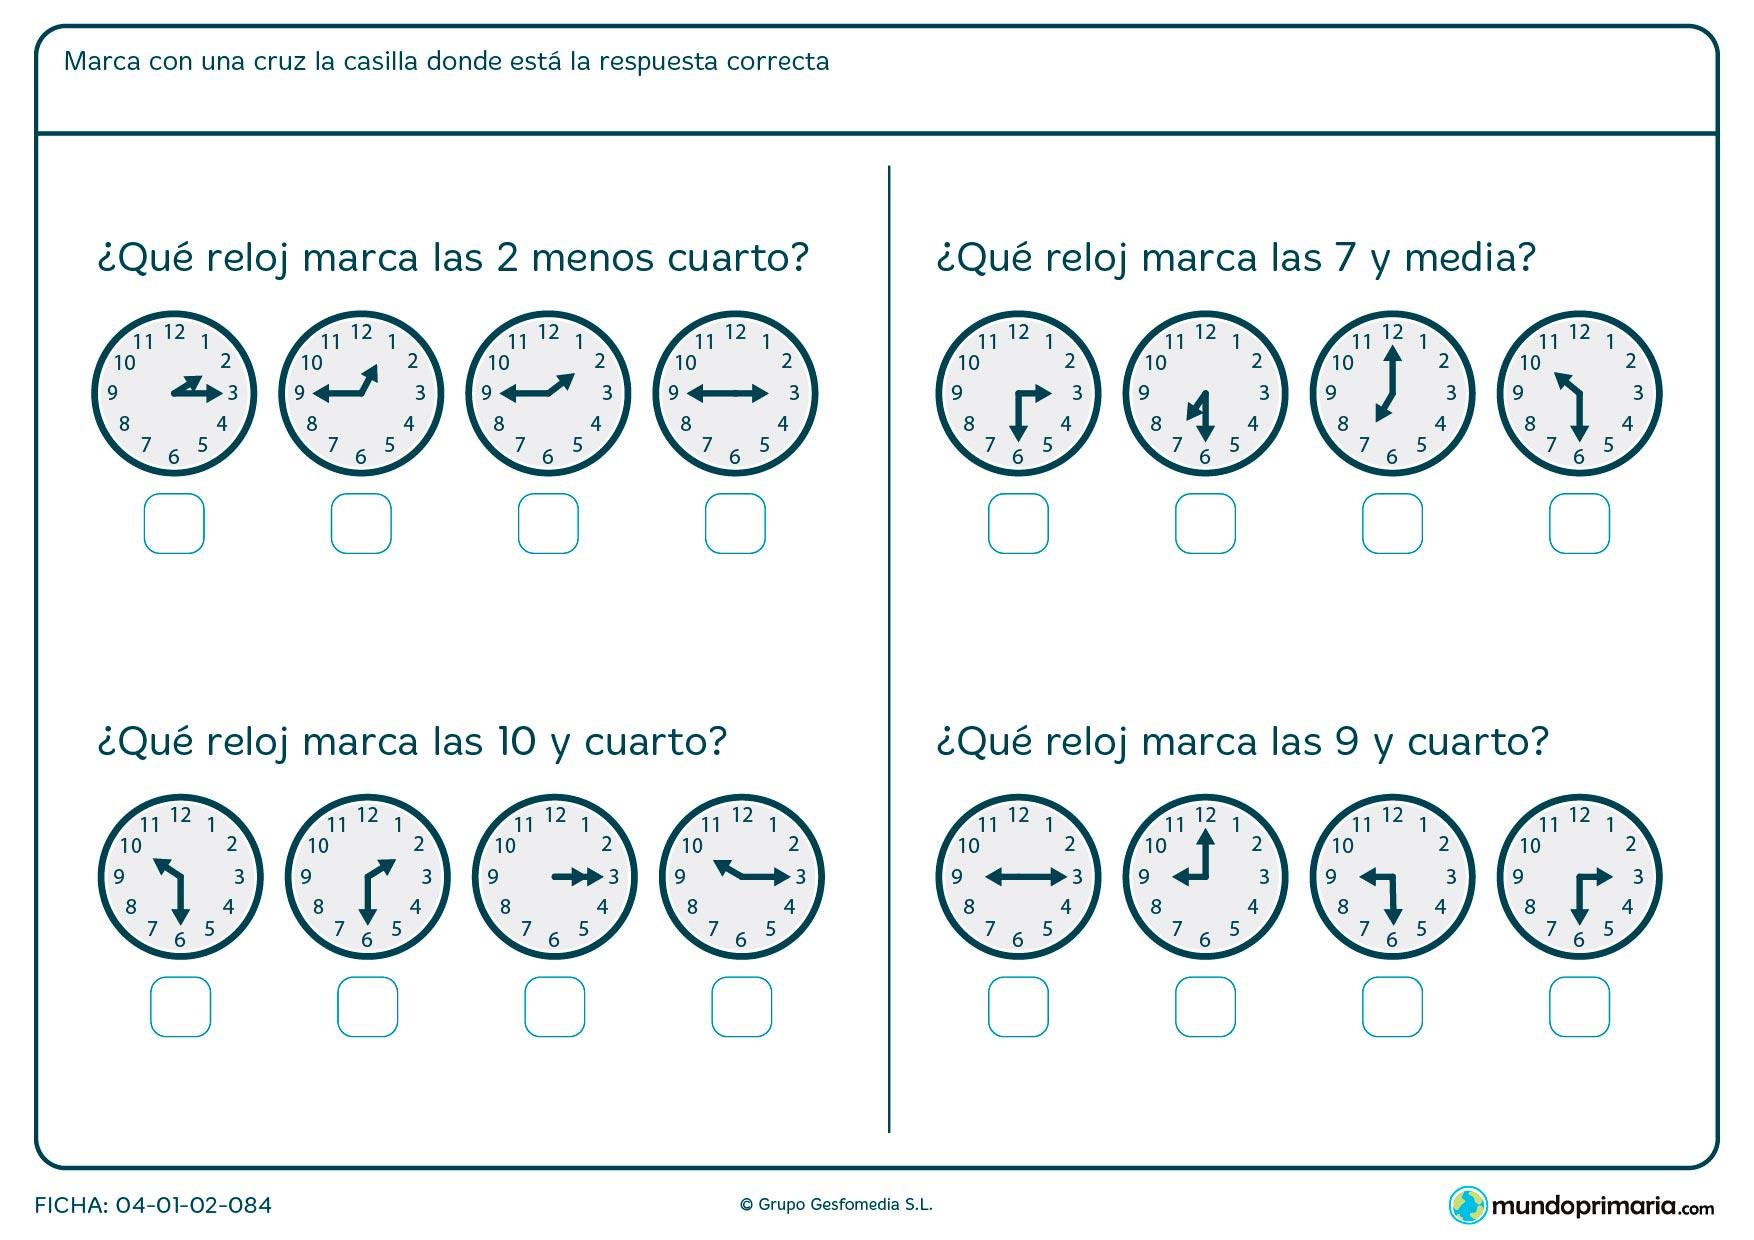 Ficha de horas menos cuarto en la que te damos unas horas que debes marcar la del reloj correcto.